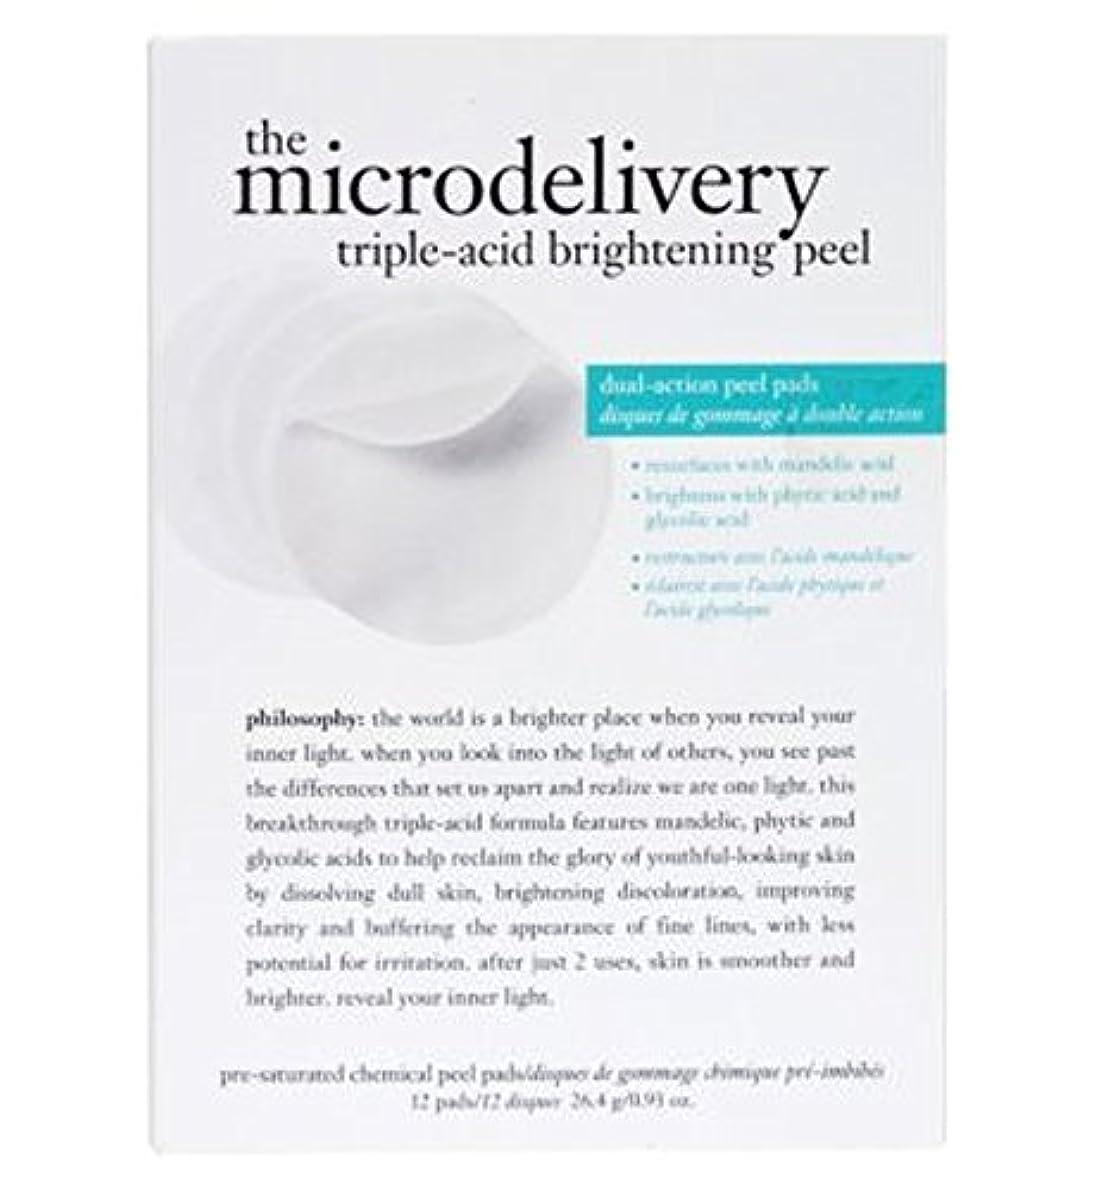 製油所が欲しい確認してくださいphilosophy the microdelivery triple-acid brightening peel - 哲学ミクロ送達トリプル酸増白皮 (Philosophy) [並行輸入品]